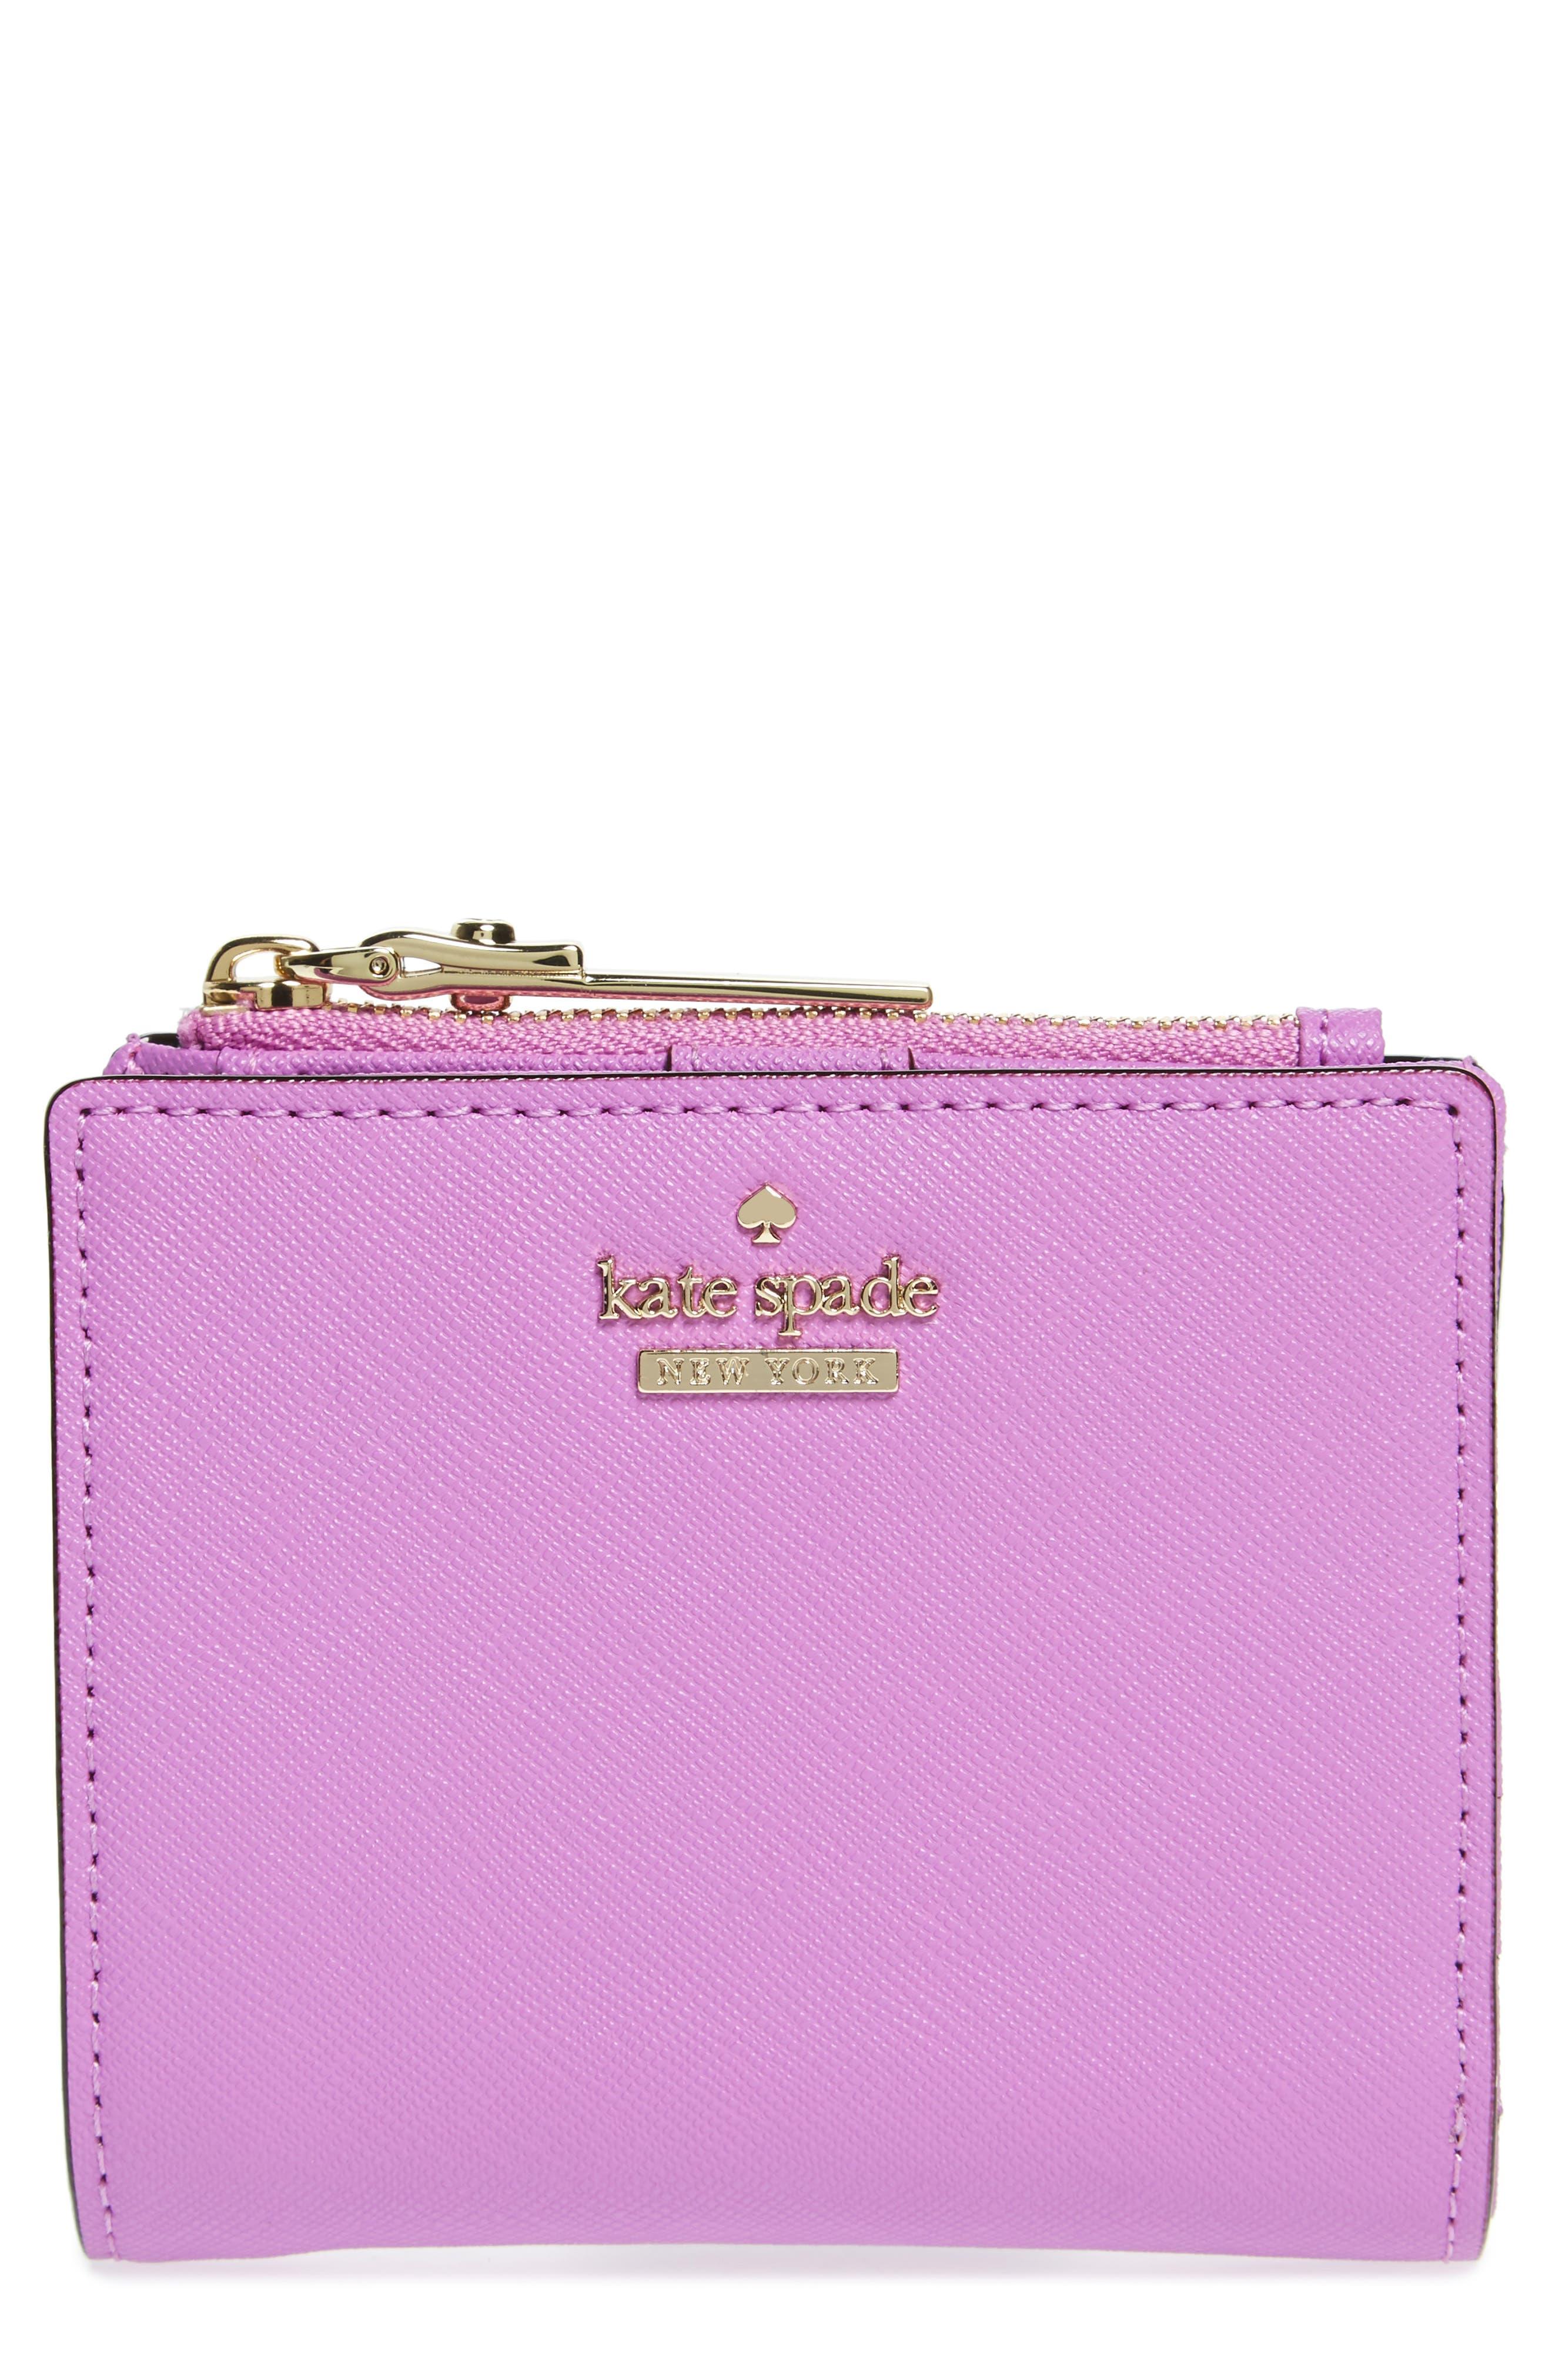 kate spade new york cameron street - adalyn slim leather wallet